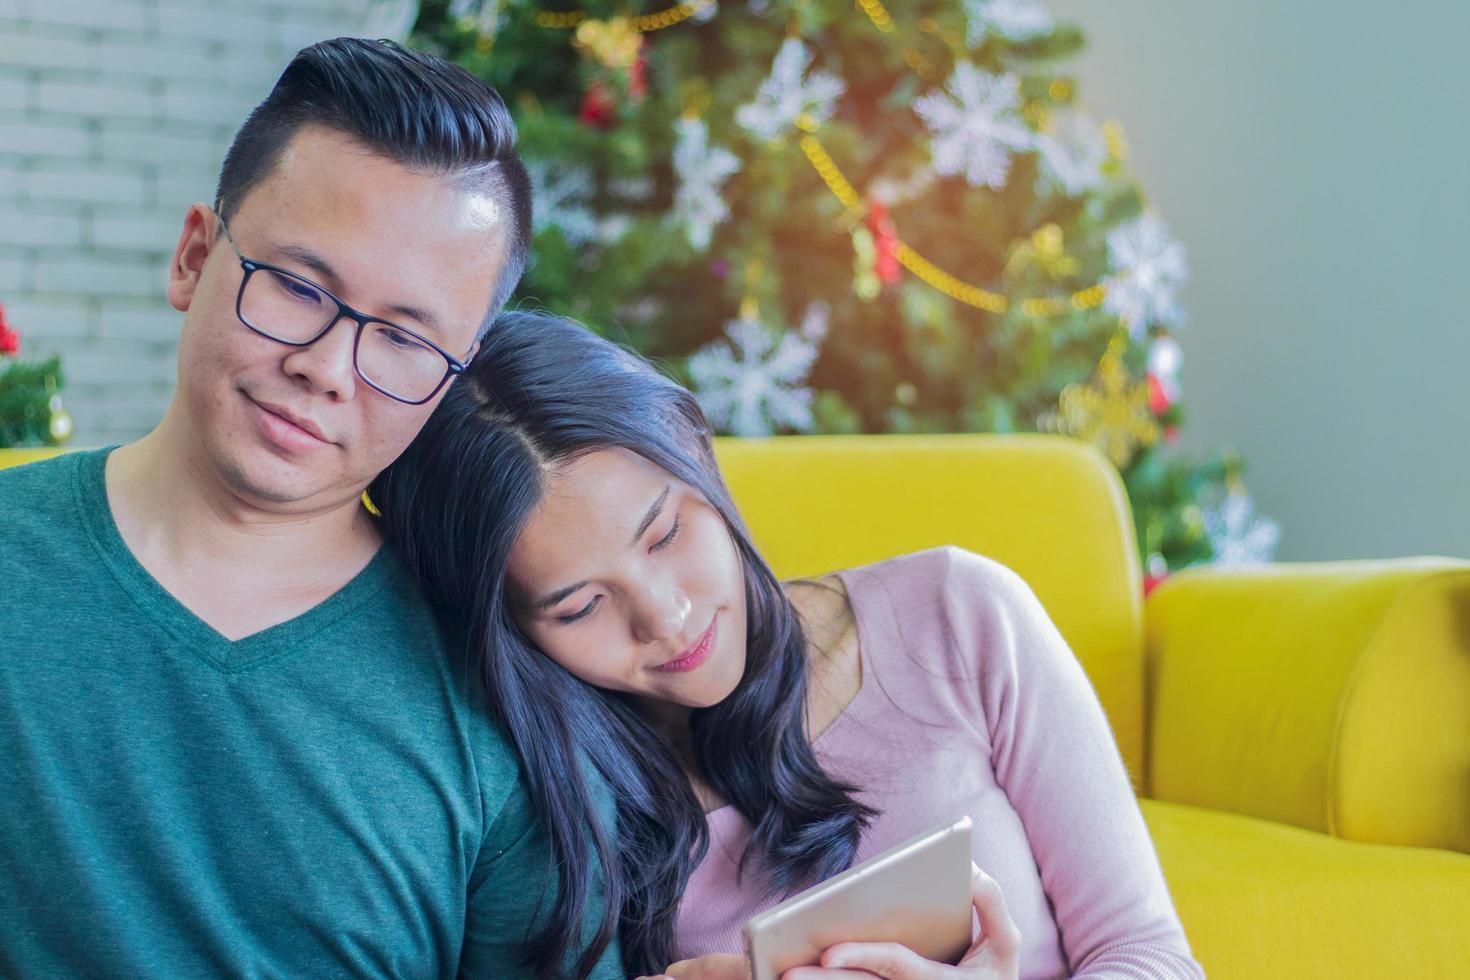 coppia rilassante in un soggiorno foto